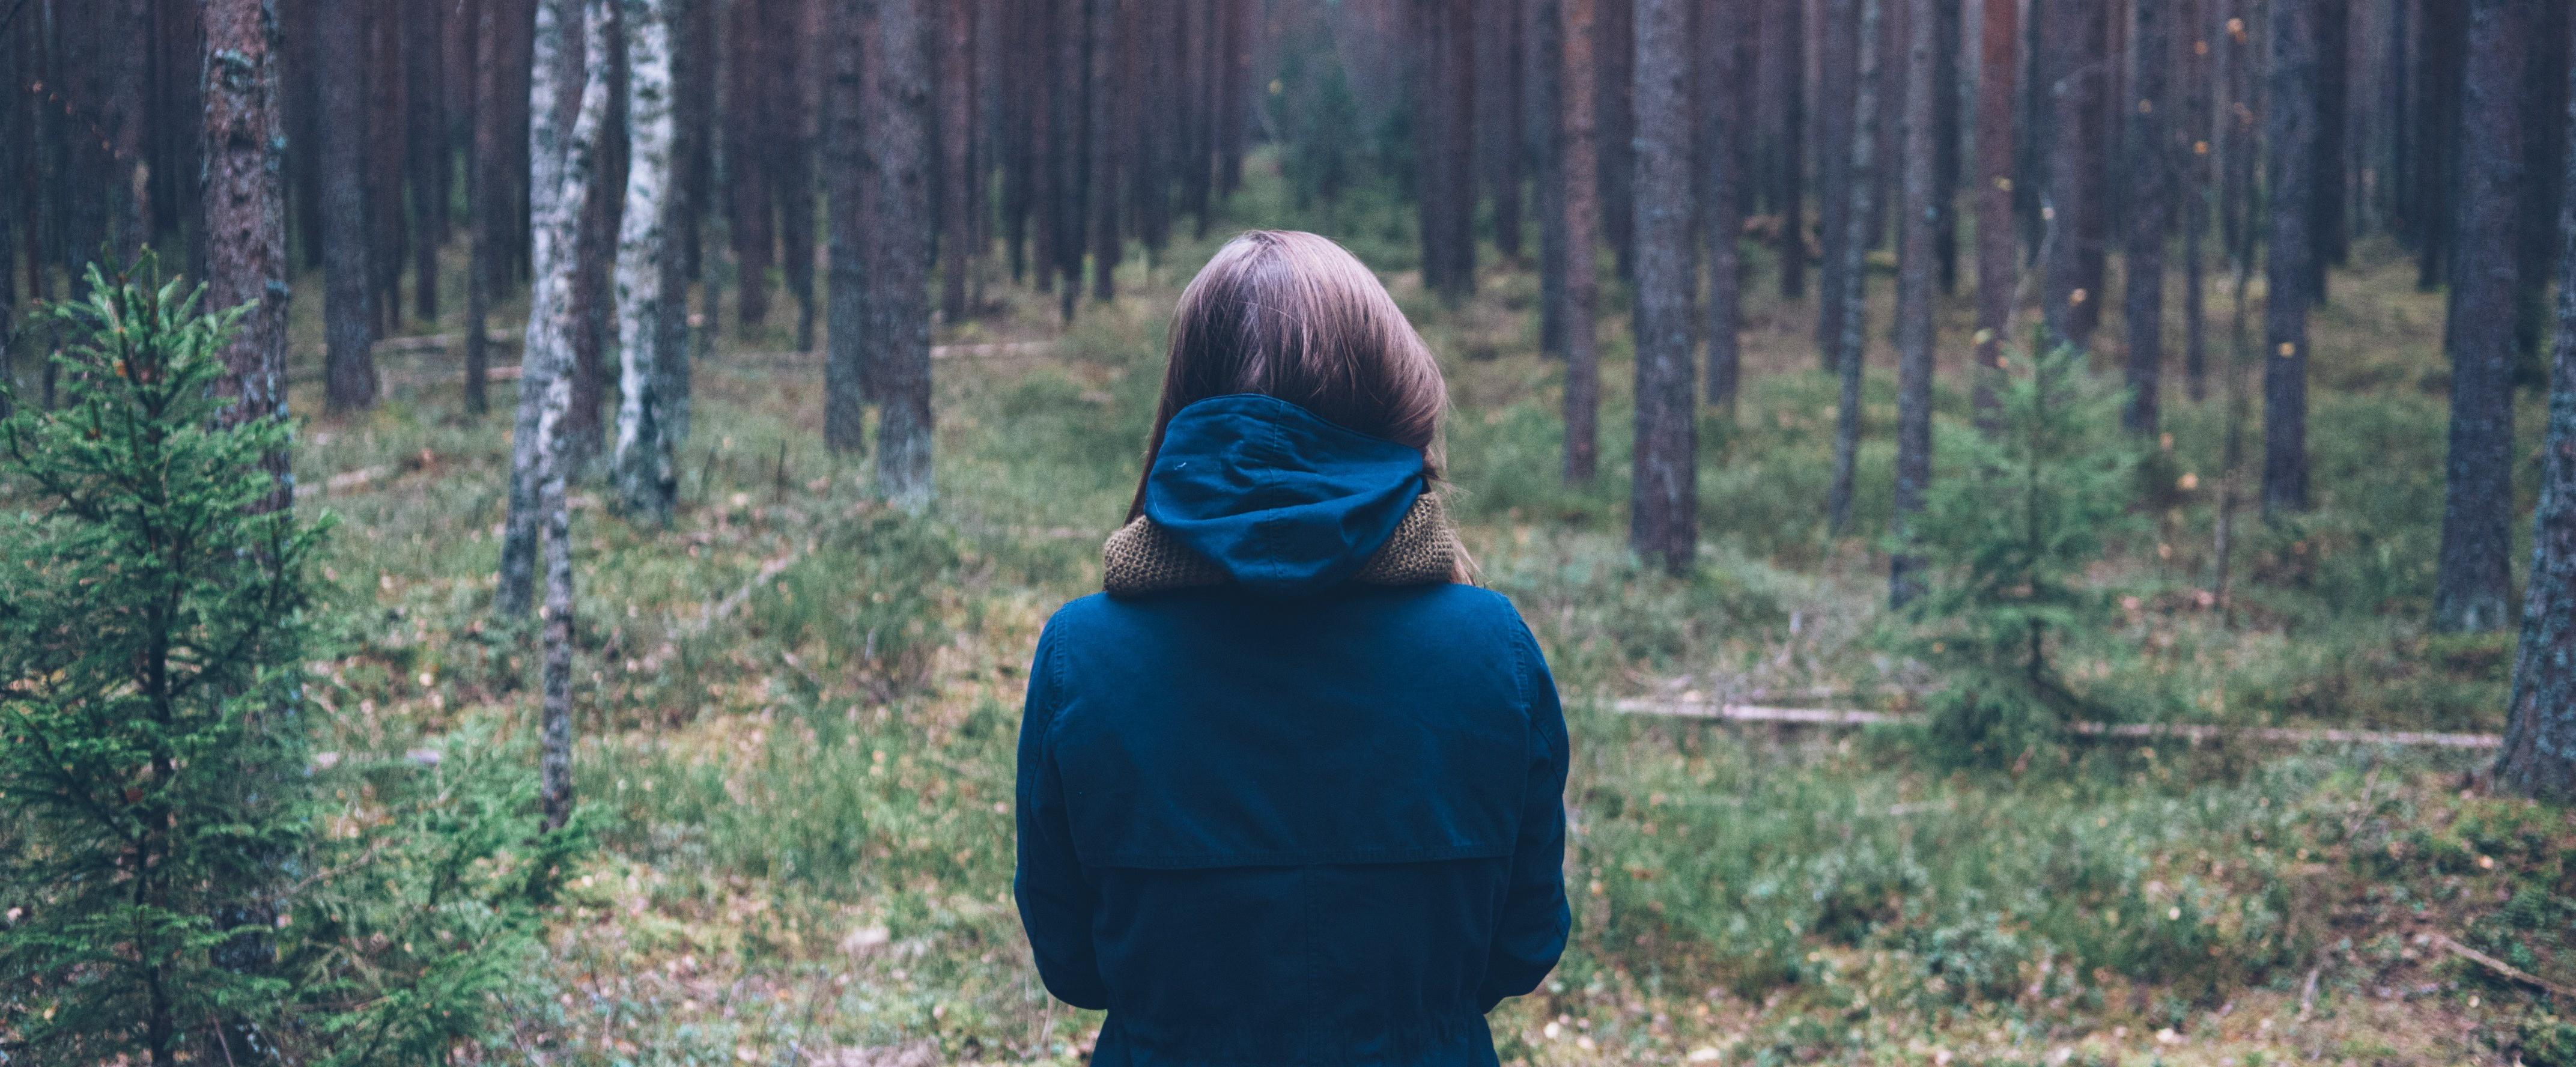 Vai ter que sobreviver sozinho? É possível, mas não é fácil! – Sobrecast 66